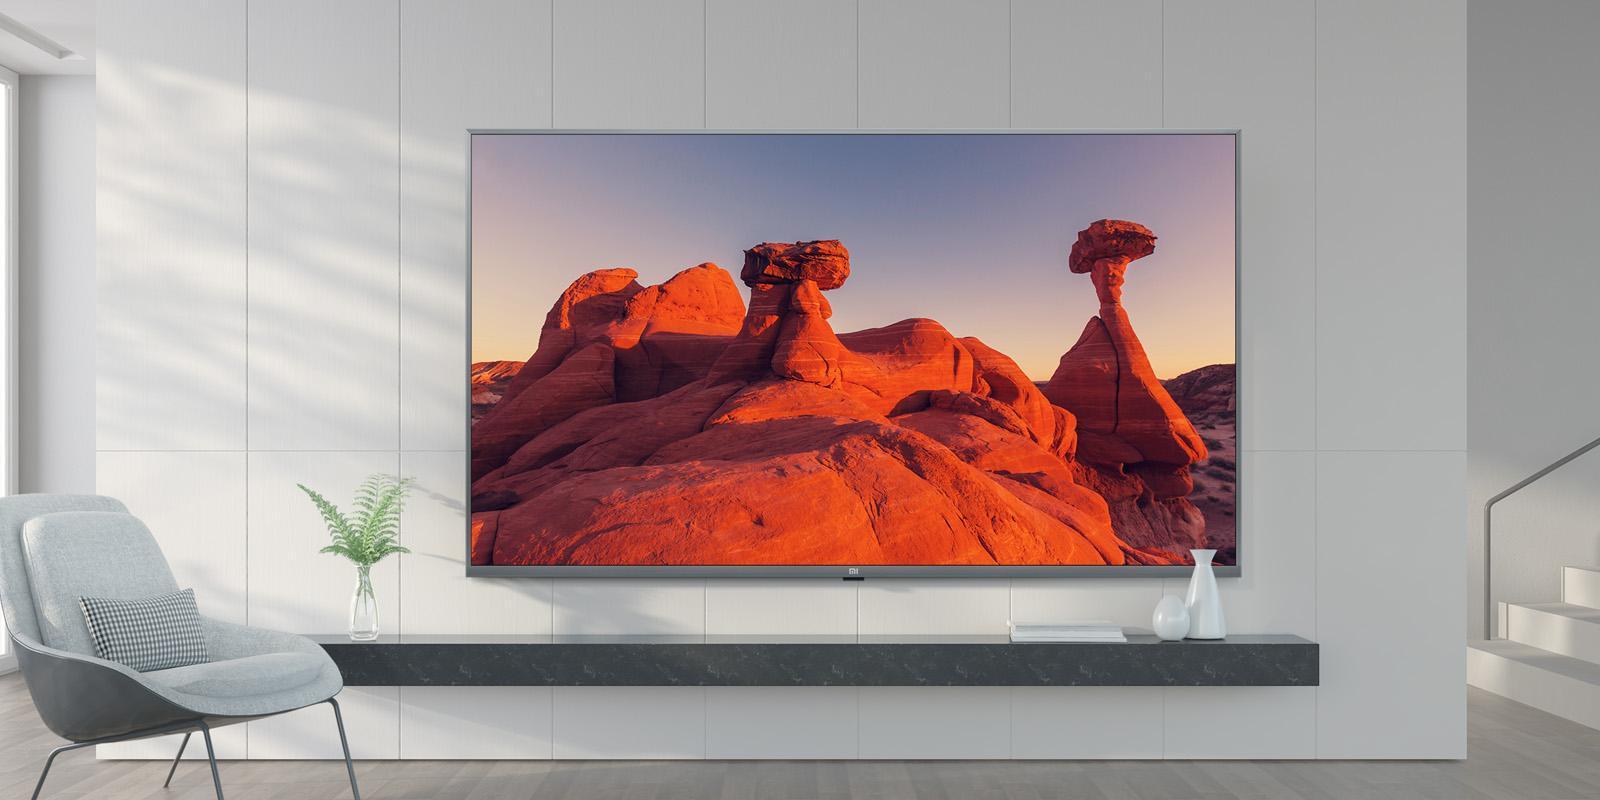 Xiaomi может выпустить свой первый телевизор с поддержкой Dolby Vision (3 1568735037)